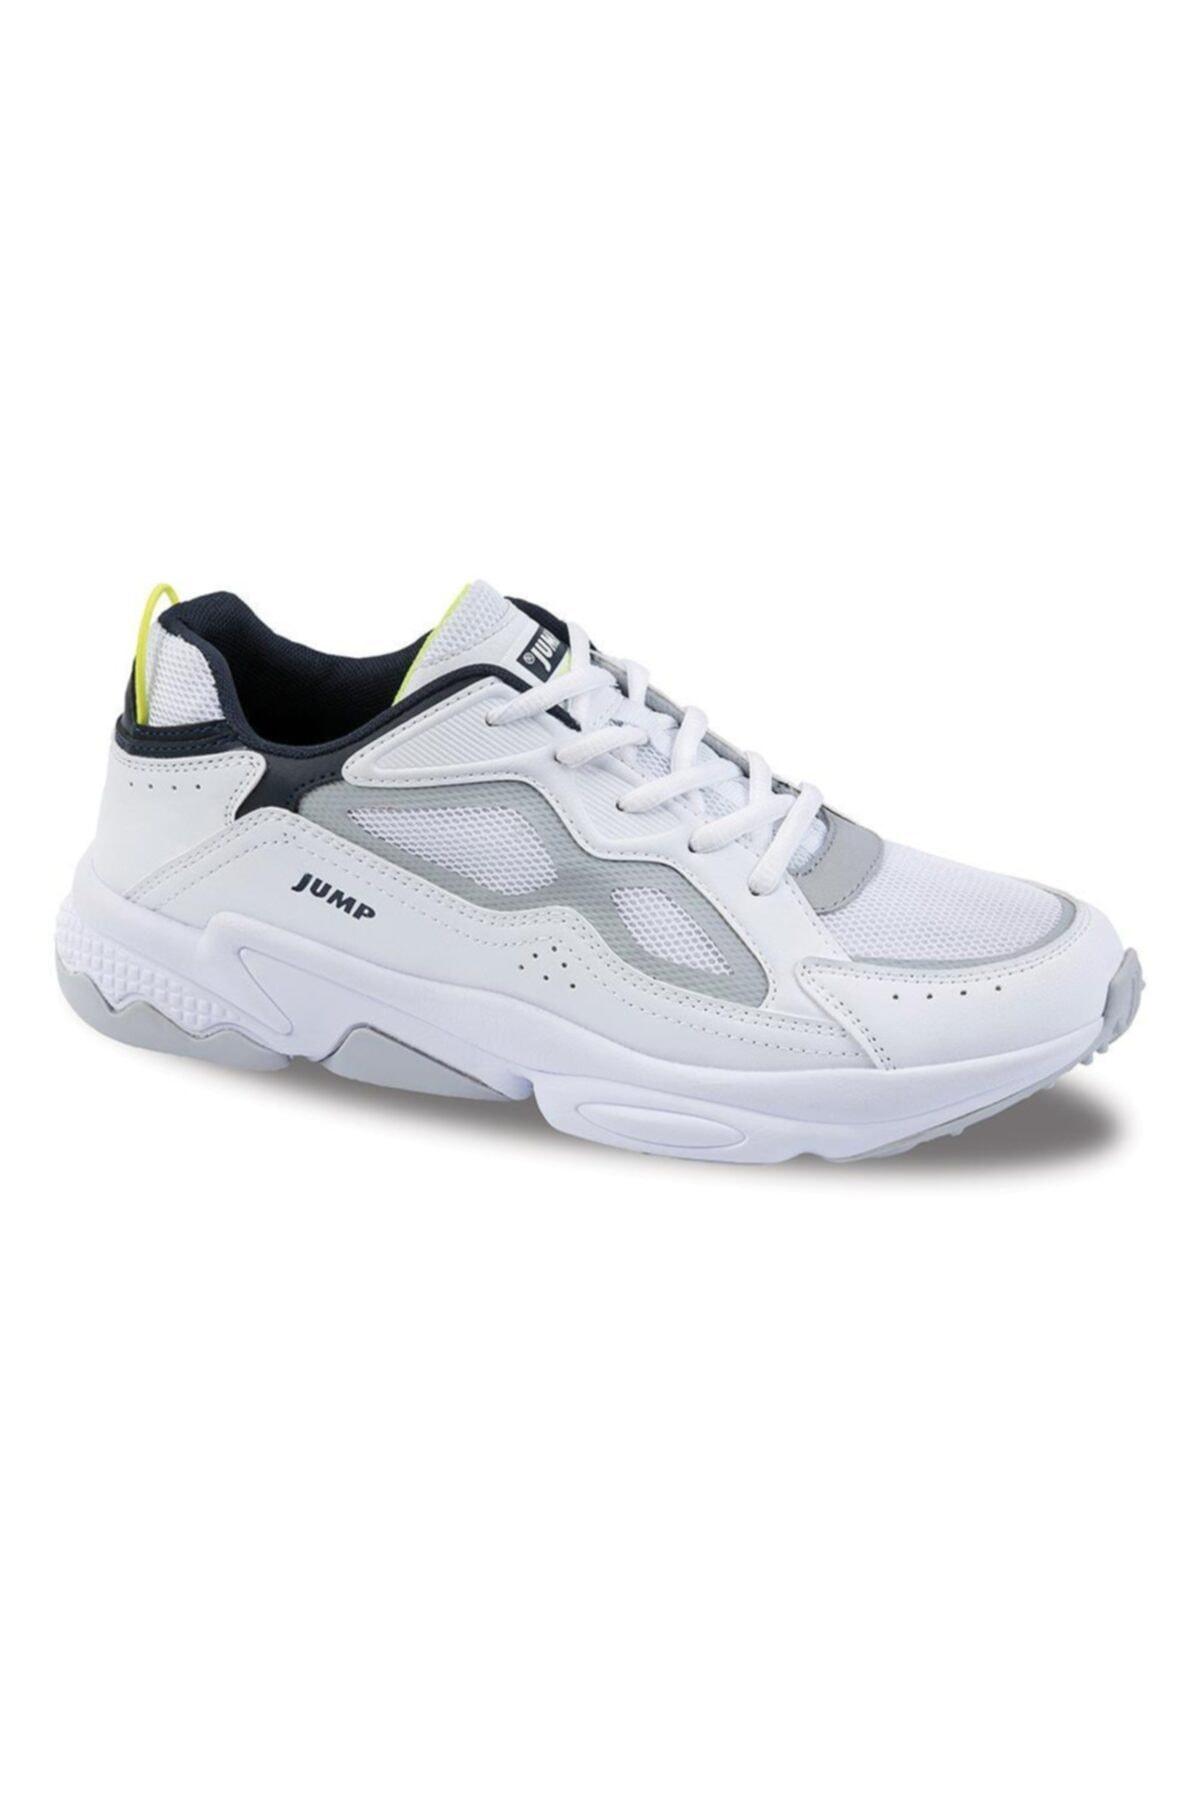 Jump Unisex Beyaz Günlük Casual Confort Spor Ayakkabısı  24712 1